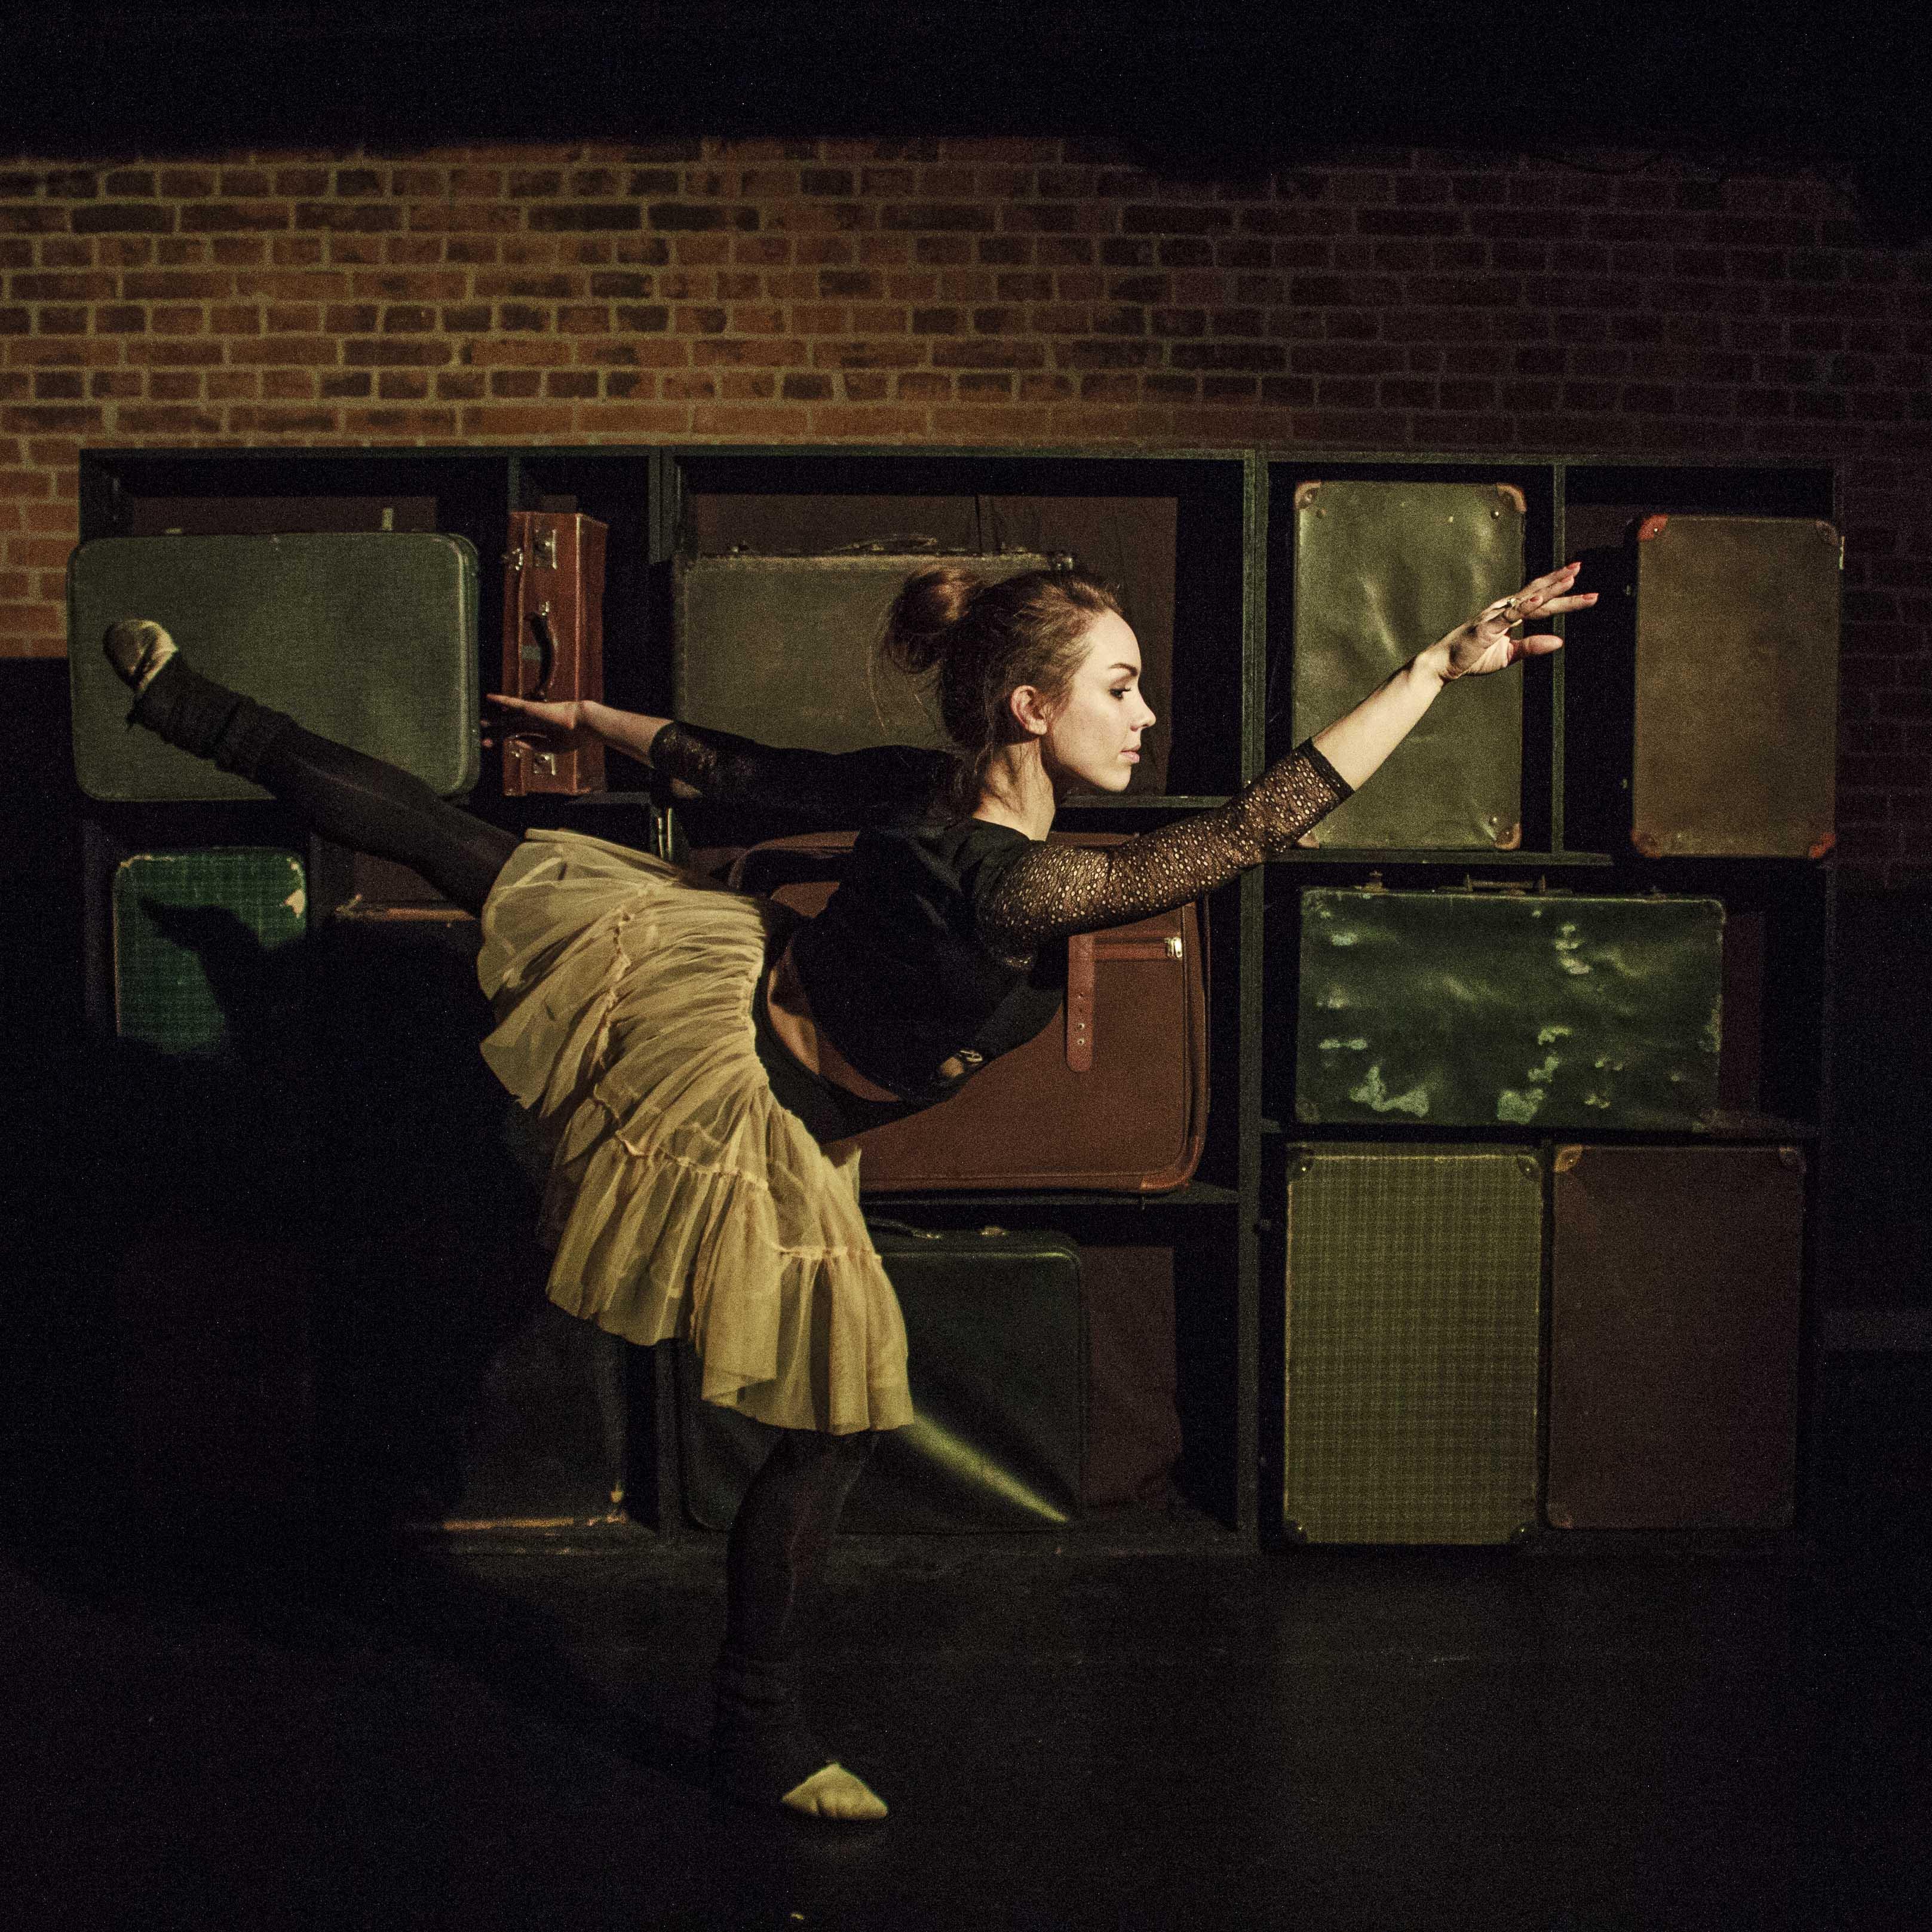 Zdjecie do spektaklu Emigrantka. Aktorka w stroju baletnicy w pozie. Stoi na jednej nodze. Druga noga wyciagnieta do tyłu, reka do przodu.